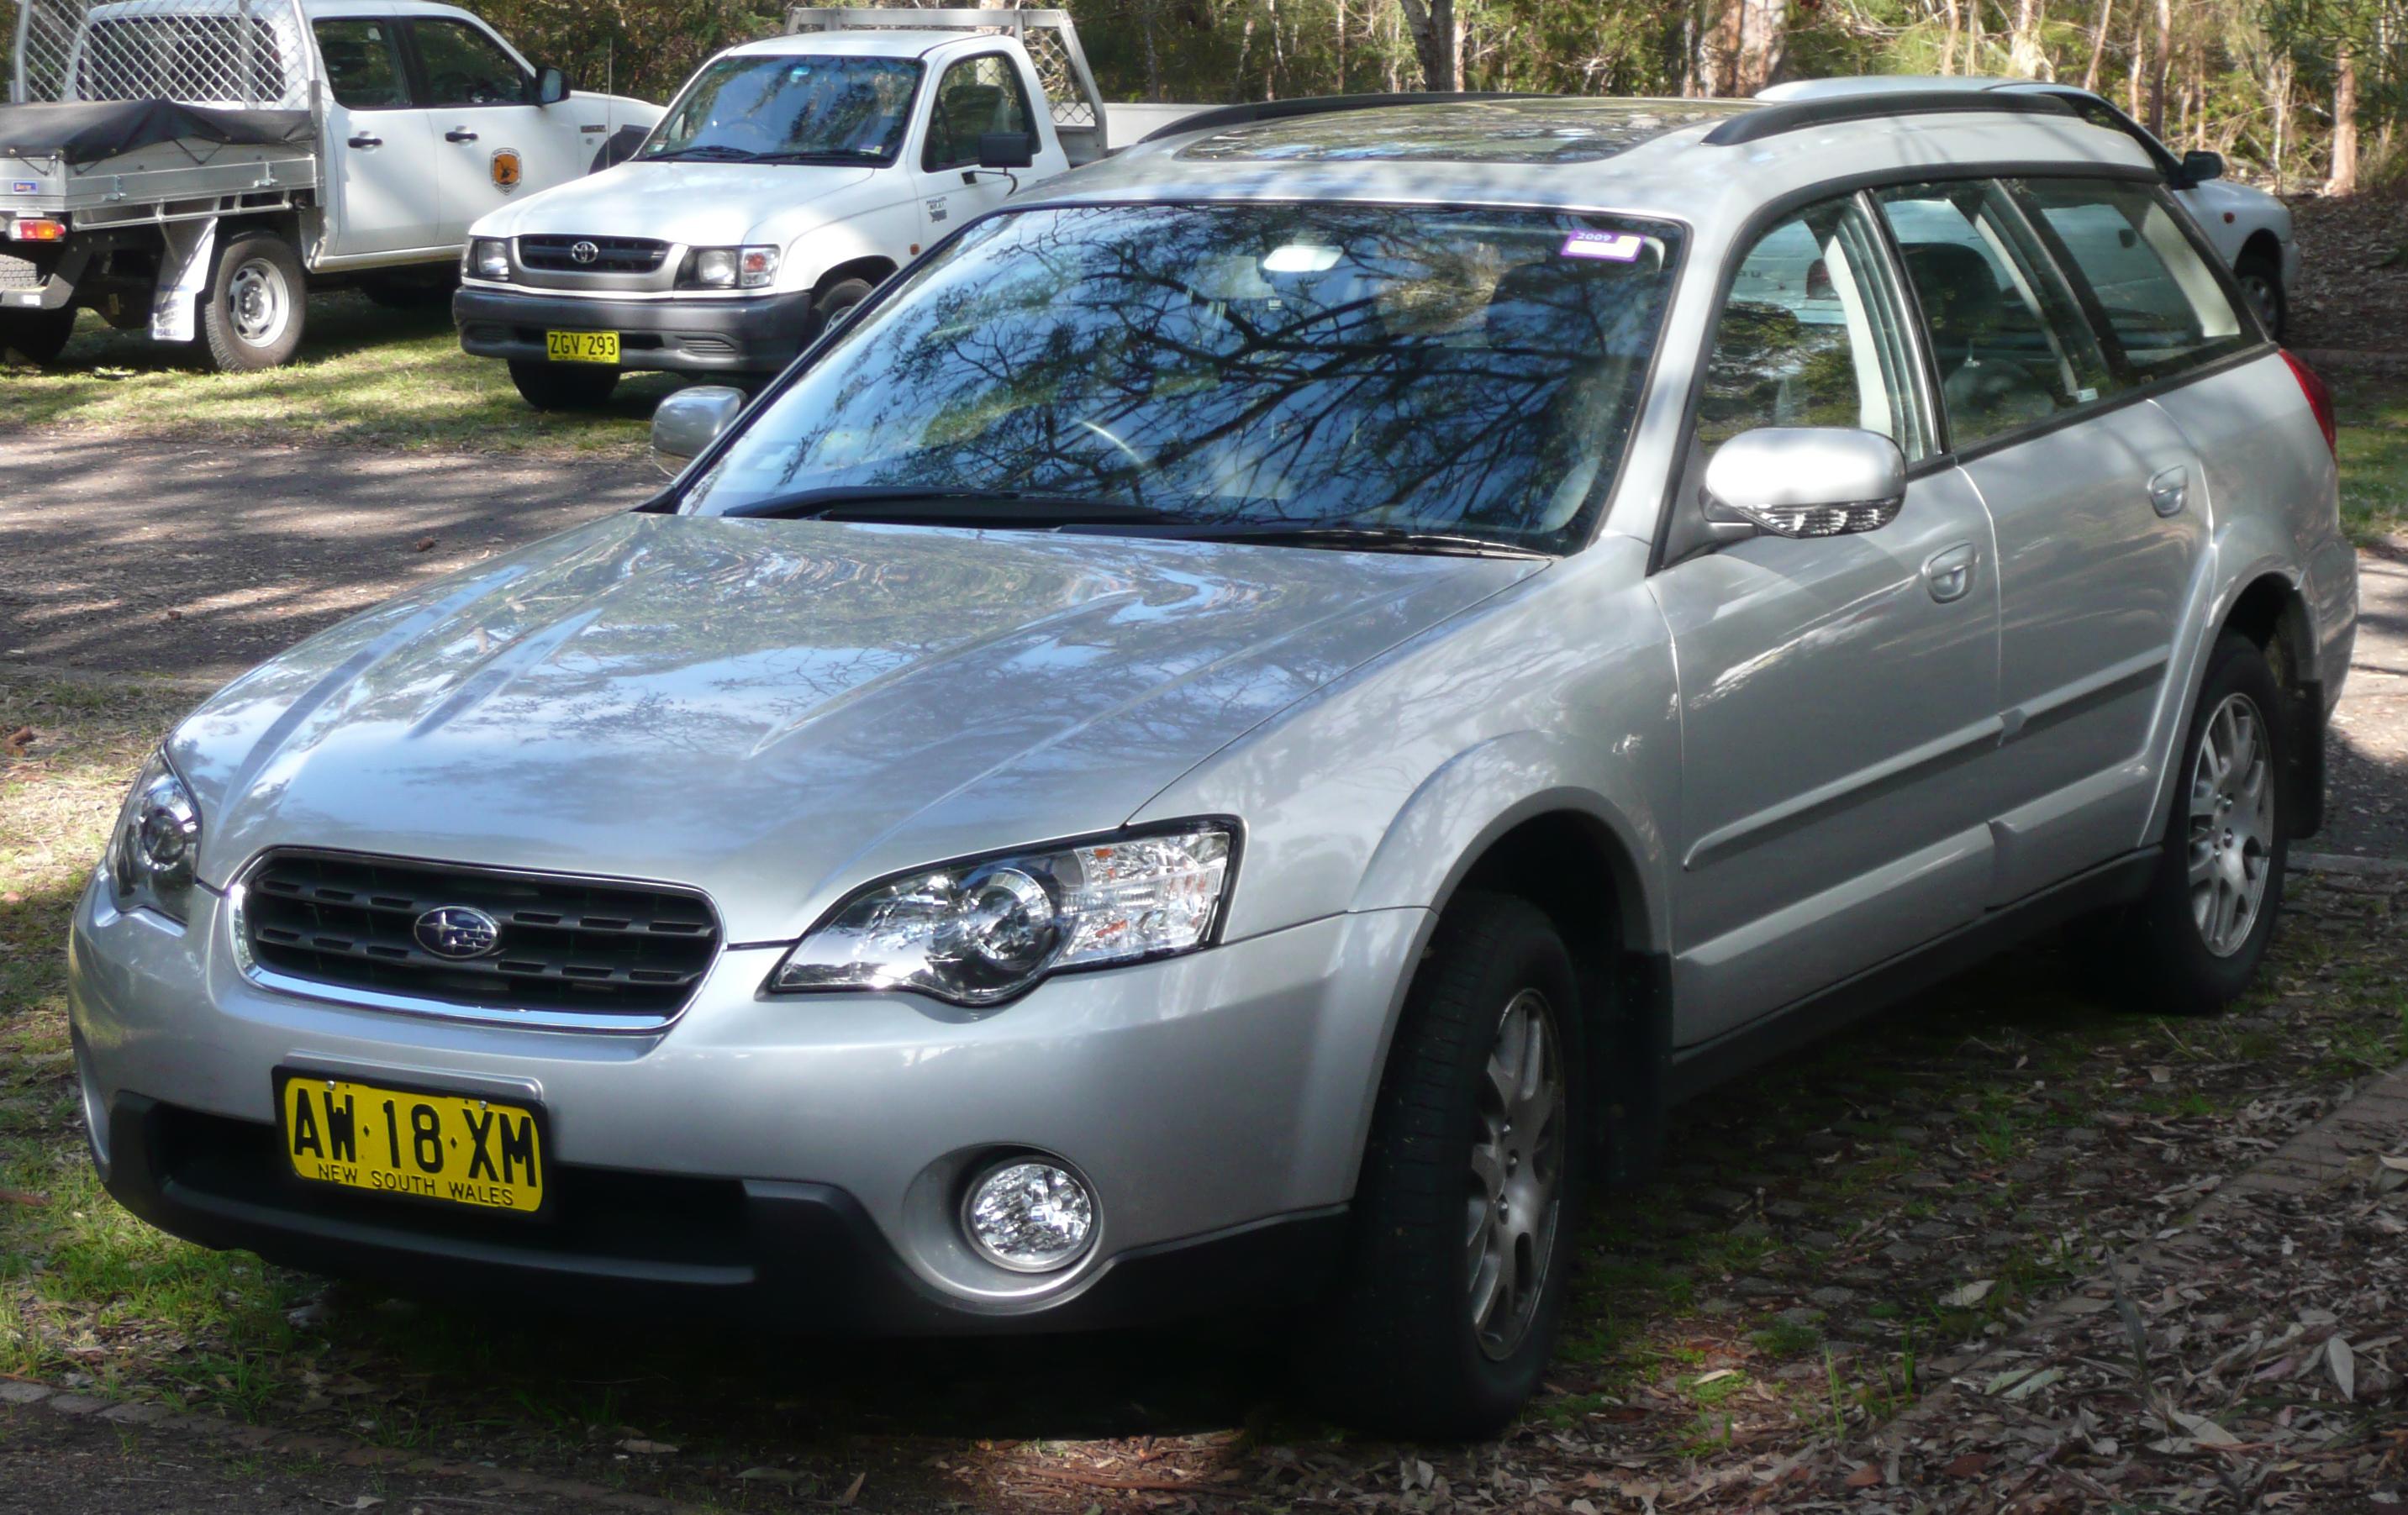 File2003 2006 subaru outback 25i station wagon 2008 09 17 01 file2003 2006 subaru outback 25i station wagon 2008 09 vanachro Image collections